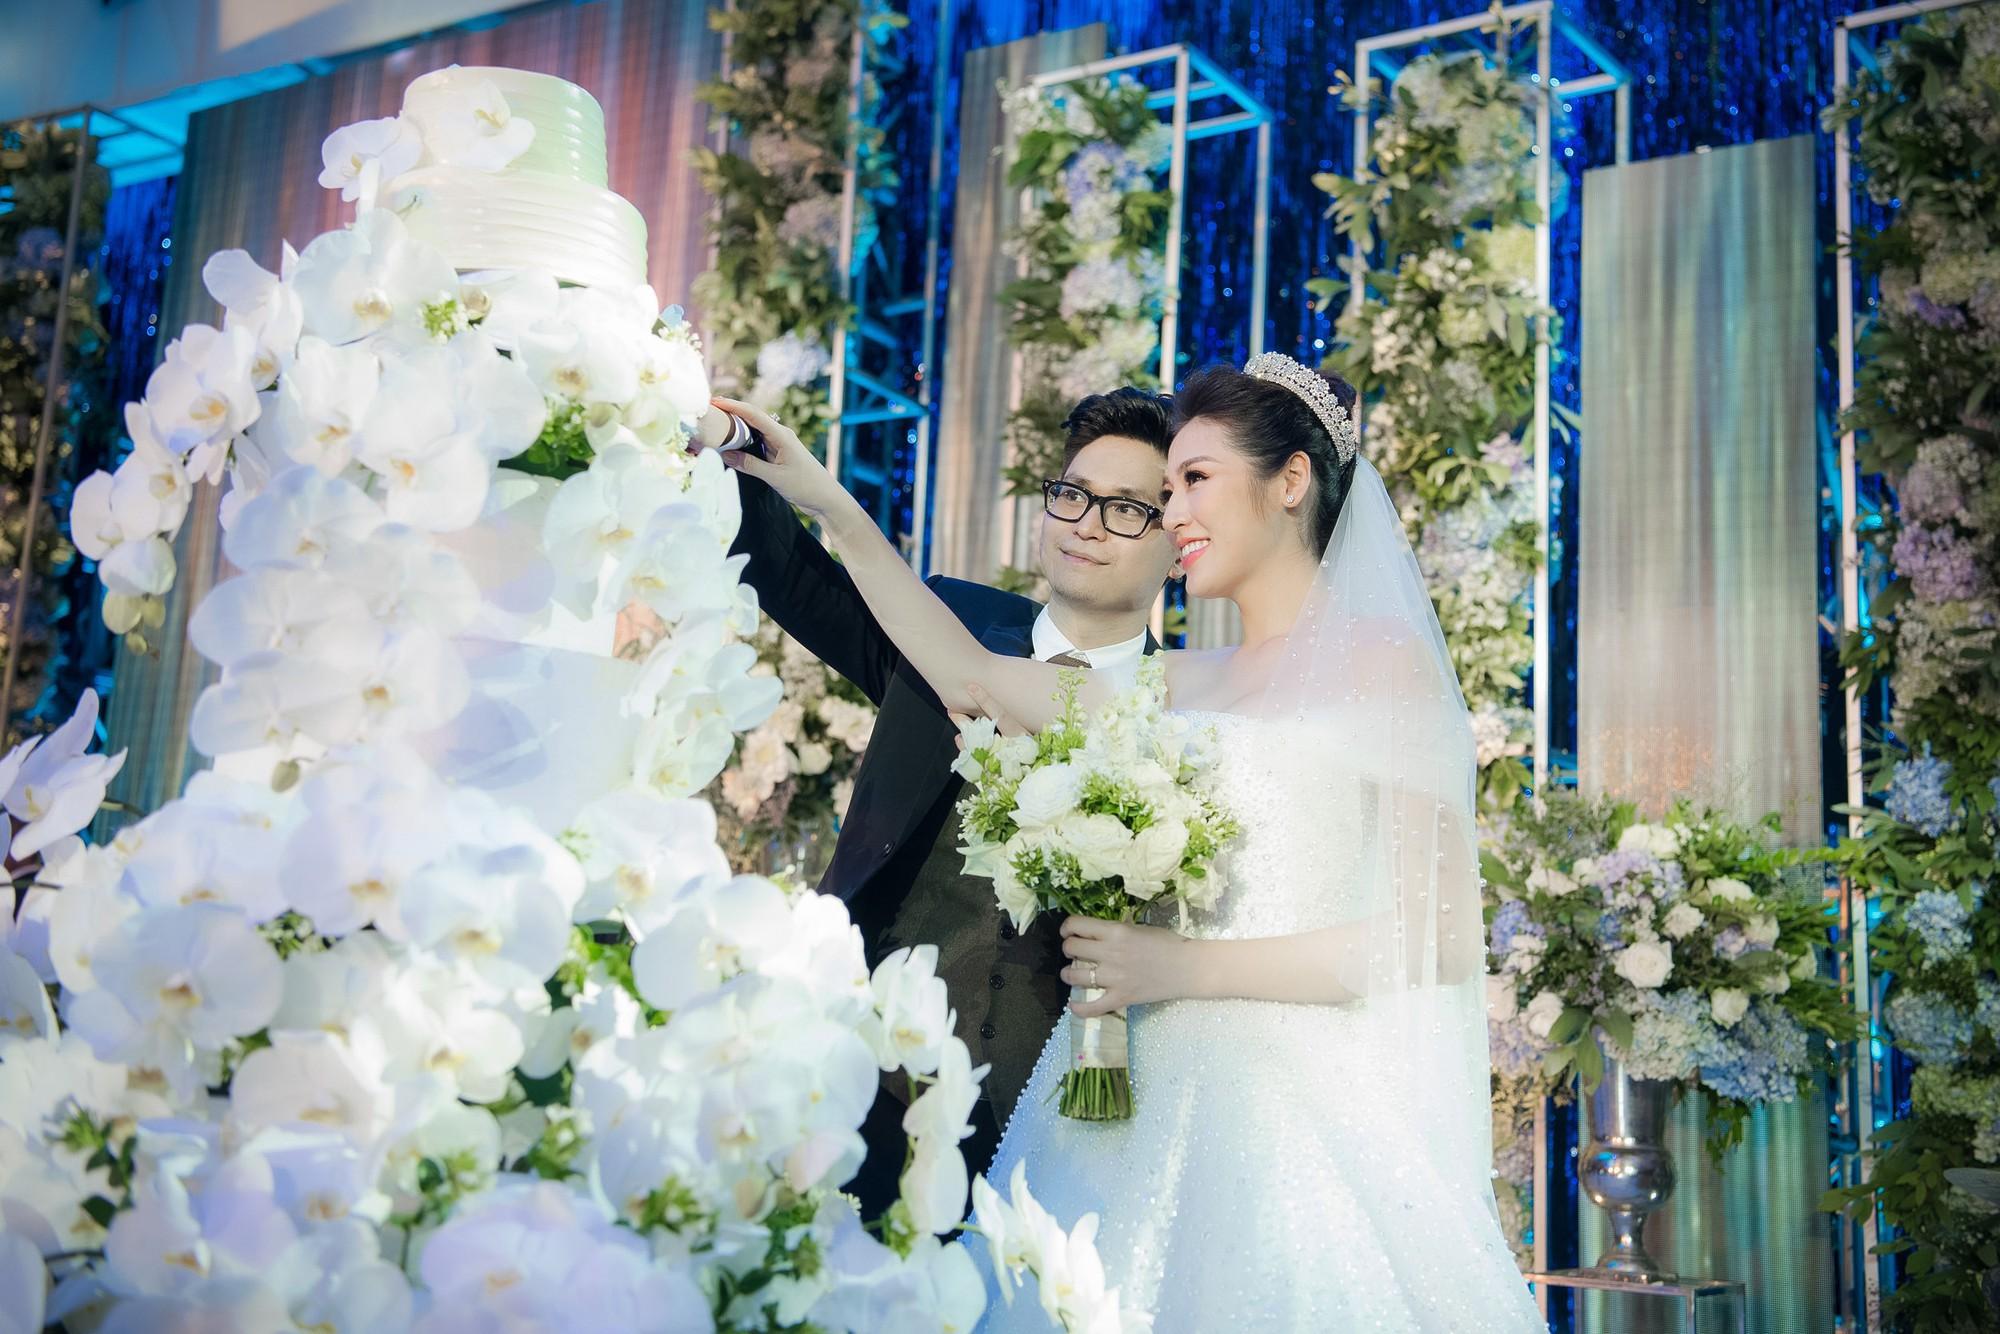 Điểm lại 5 đám cưới đình đám nhất showbiz Việt năm 2018: Xa hoa, lãng mạn và được bảo vệ nghiêm ngặt tới từng chi tiết - Ảnh 11.